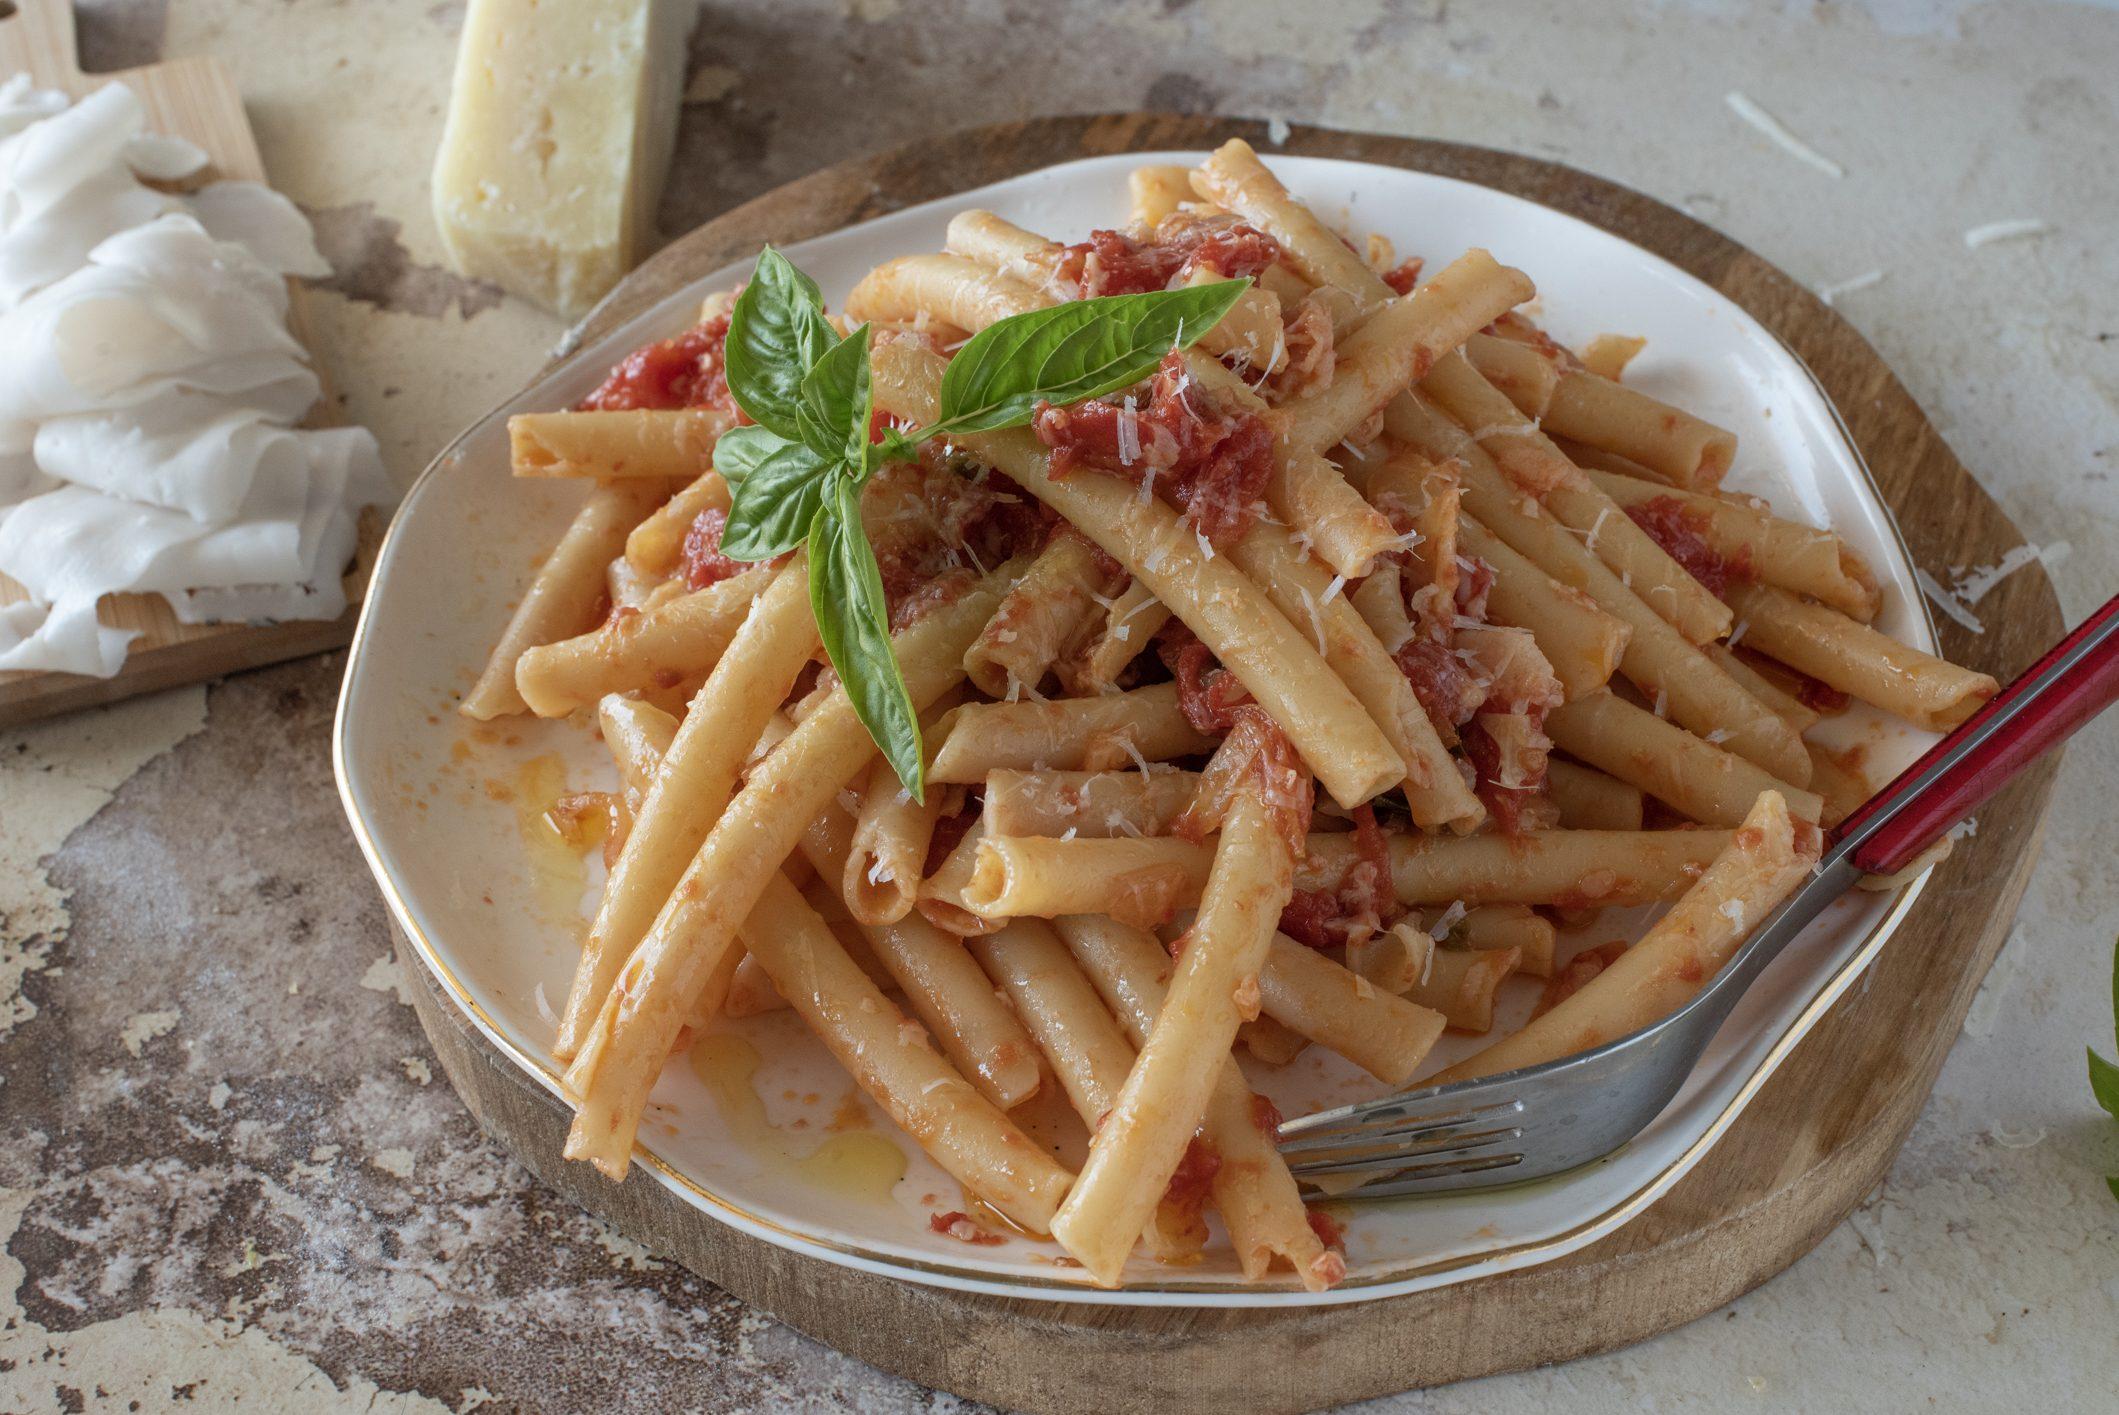 Ziti lardiati: la ricetta del piatto robusto e saporito della tradizione campana